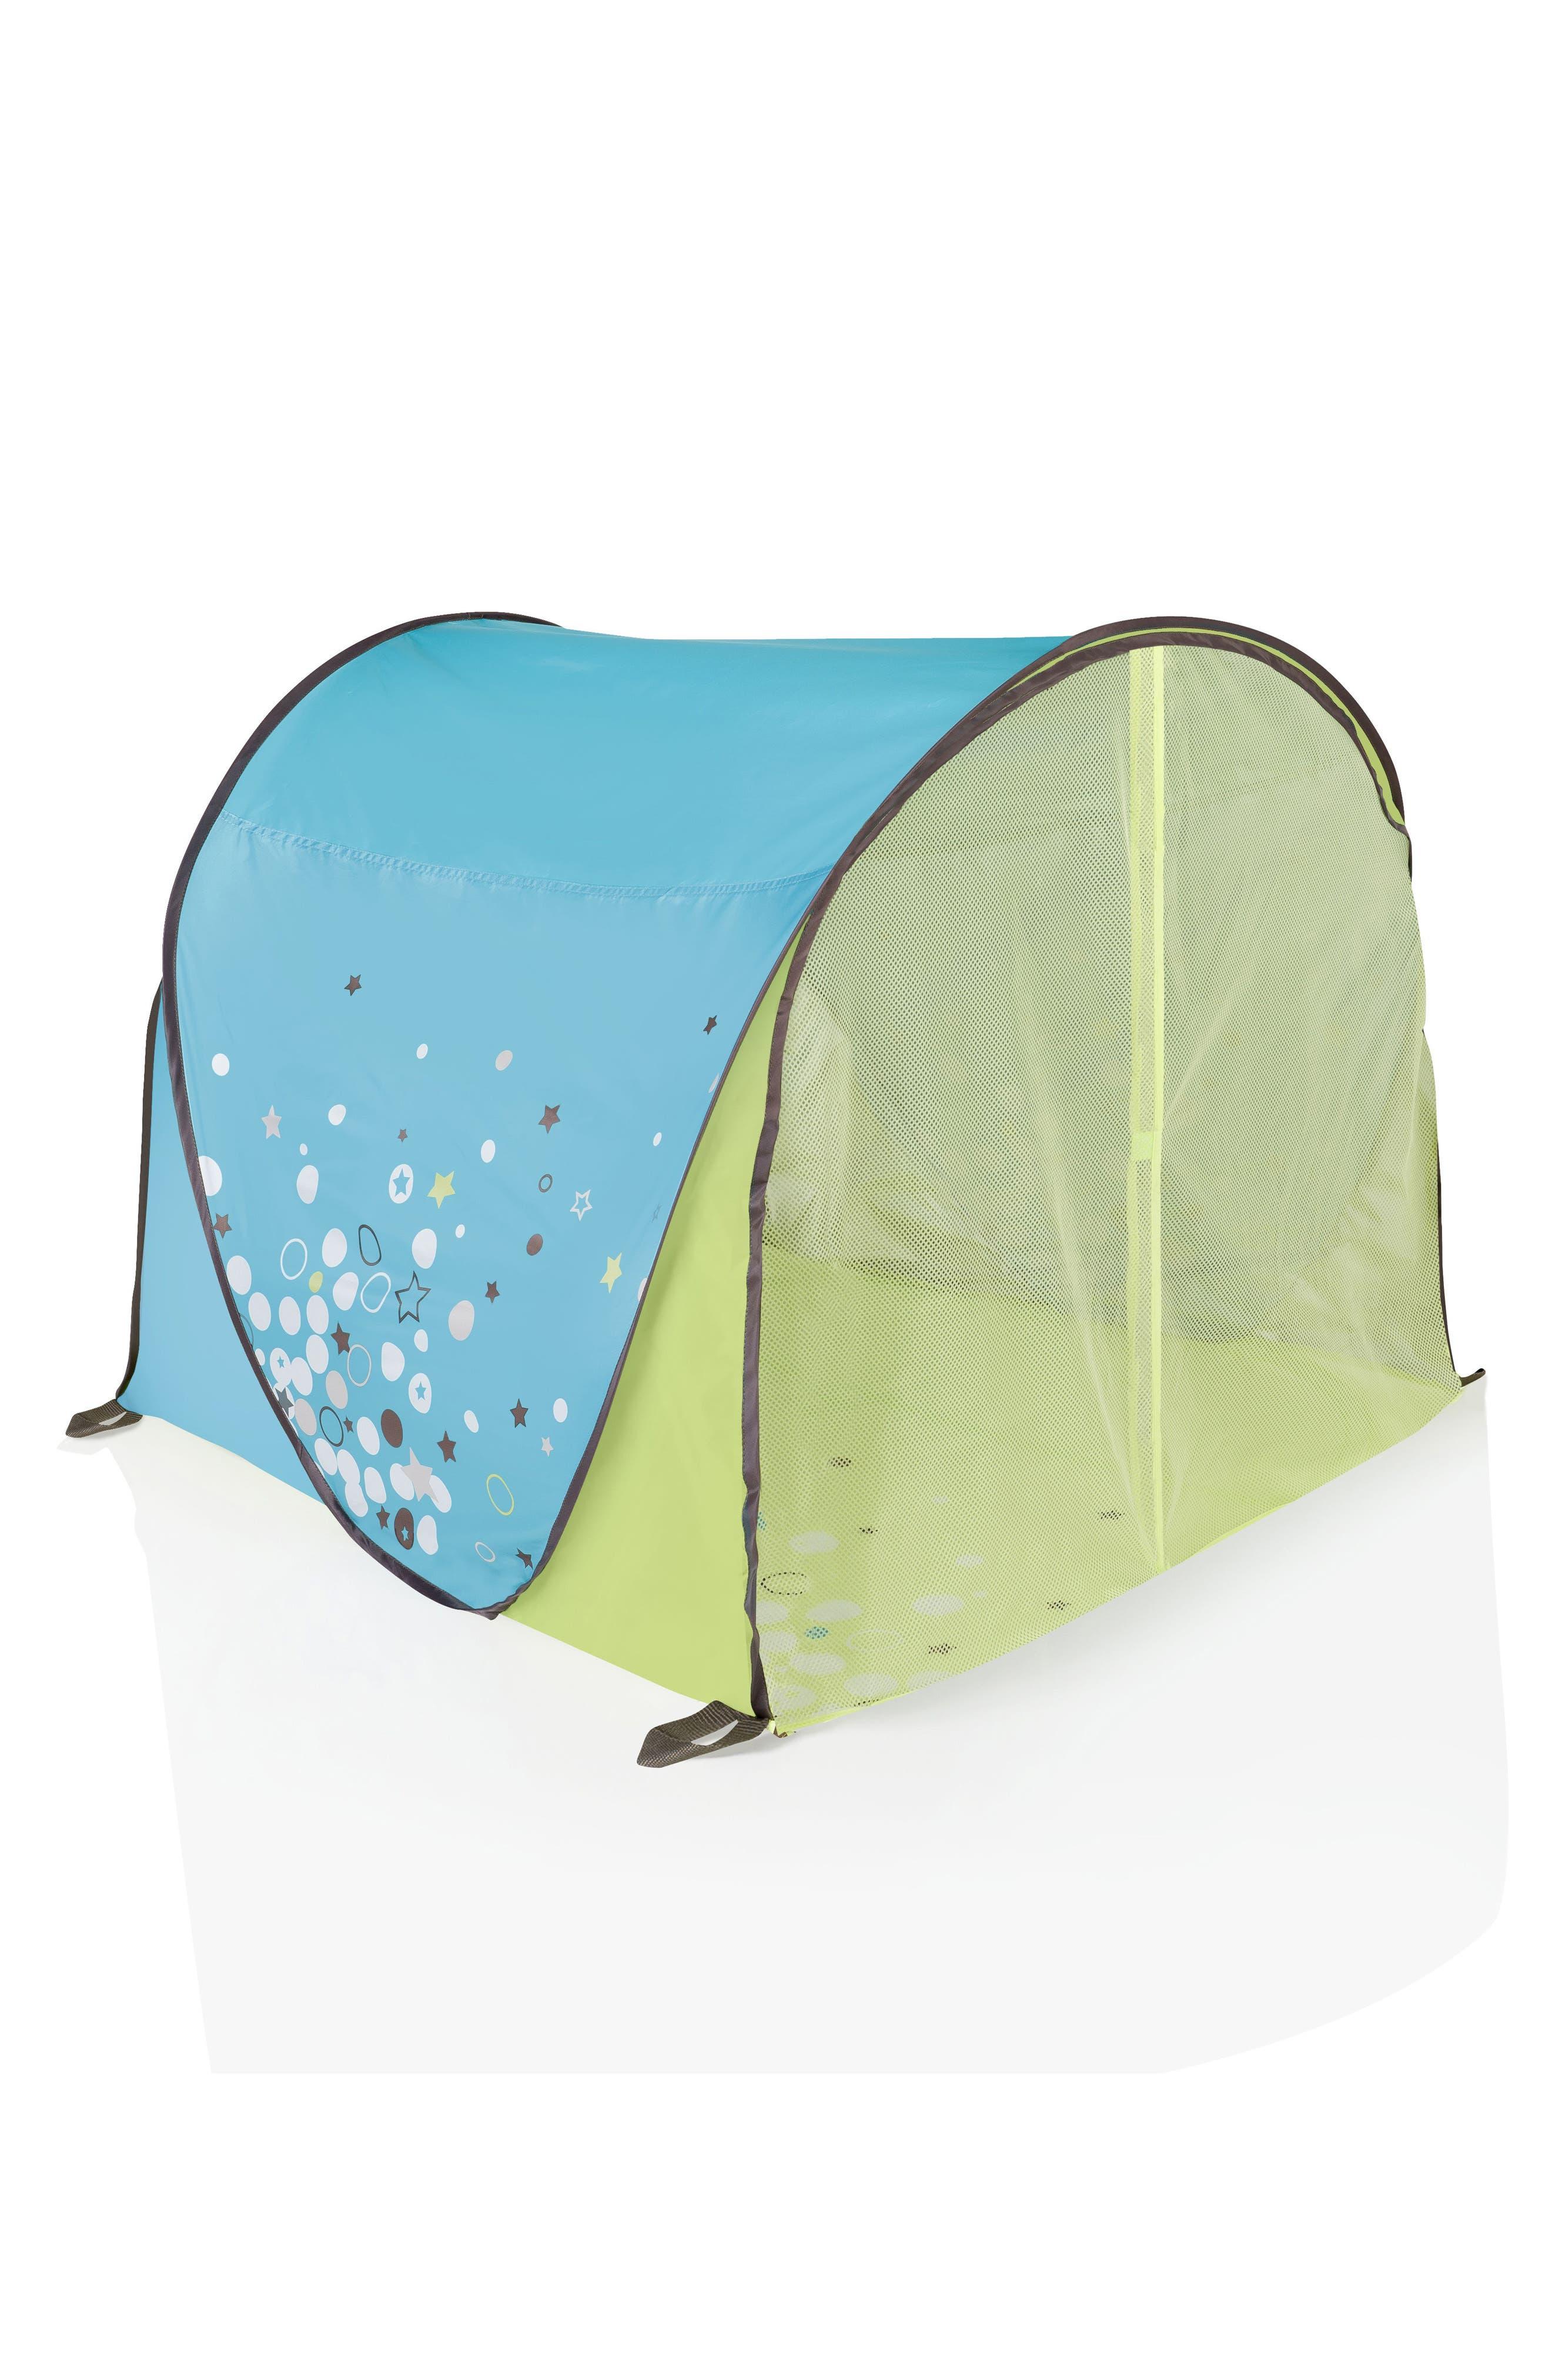 Anti UV Tent,                             Alternate thumbnail 2, color,                             Blue Green